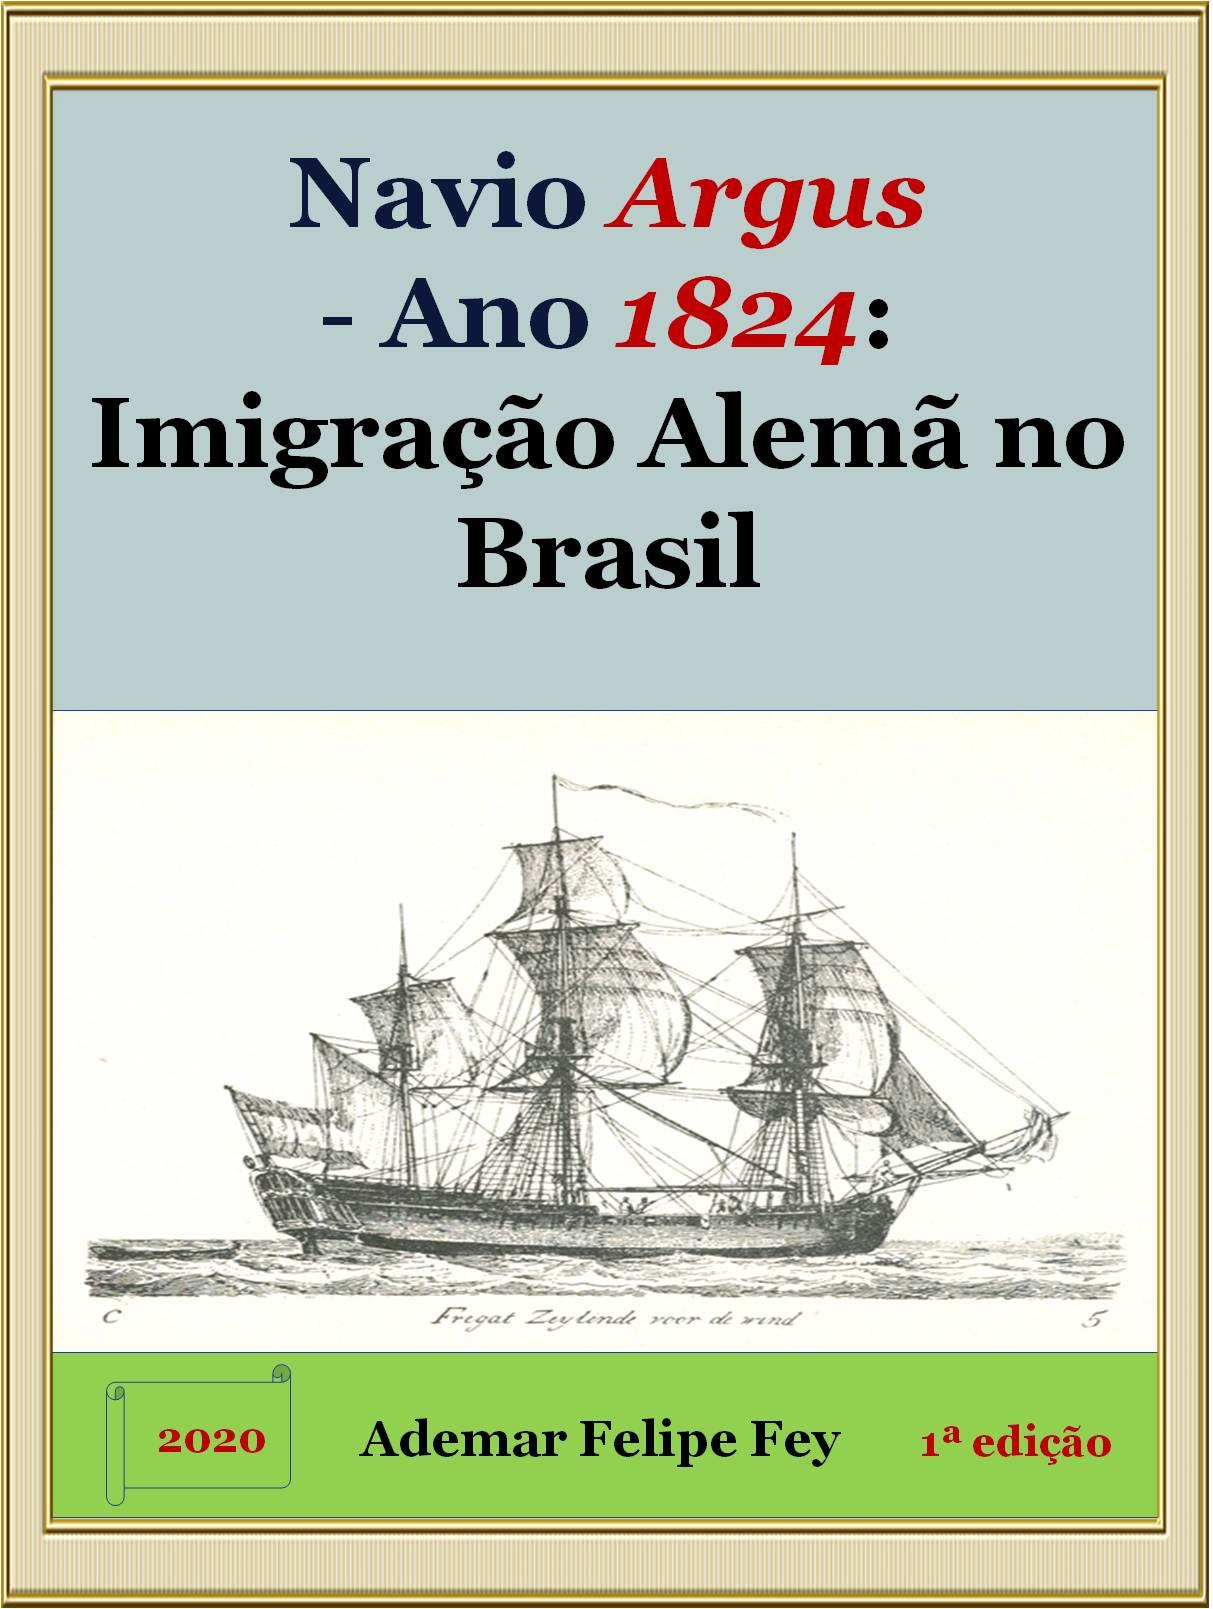 navio argus 1824 imigração alema brasil 1a ed versao 5 blog